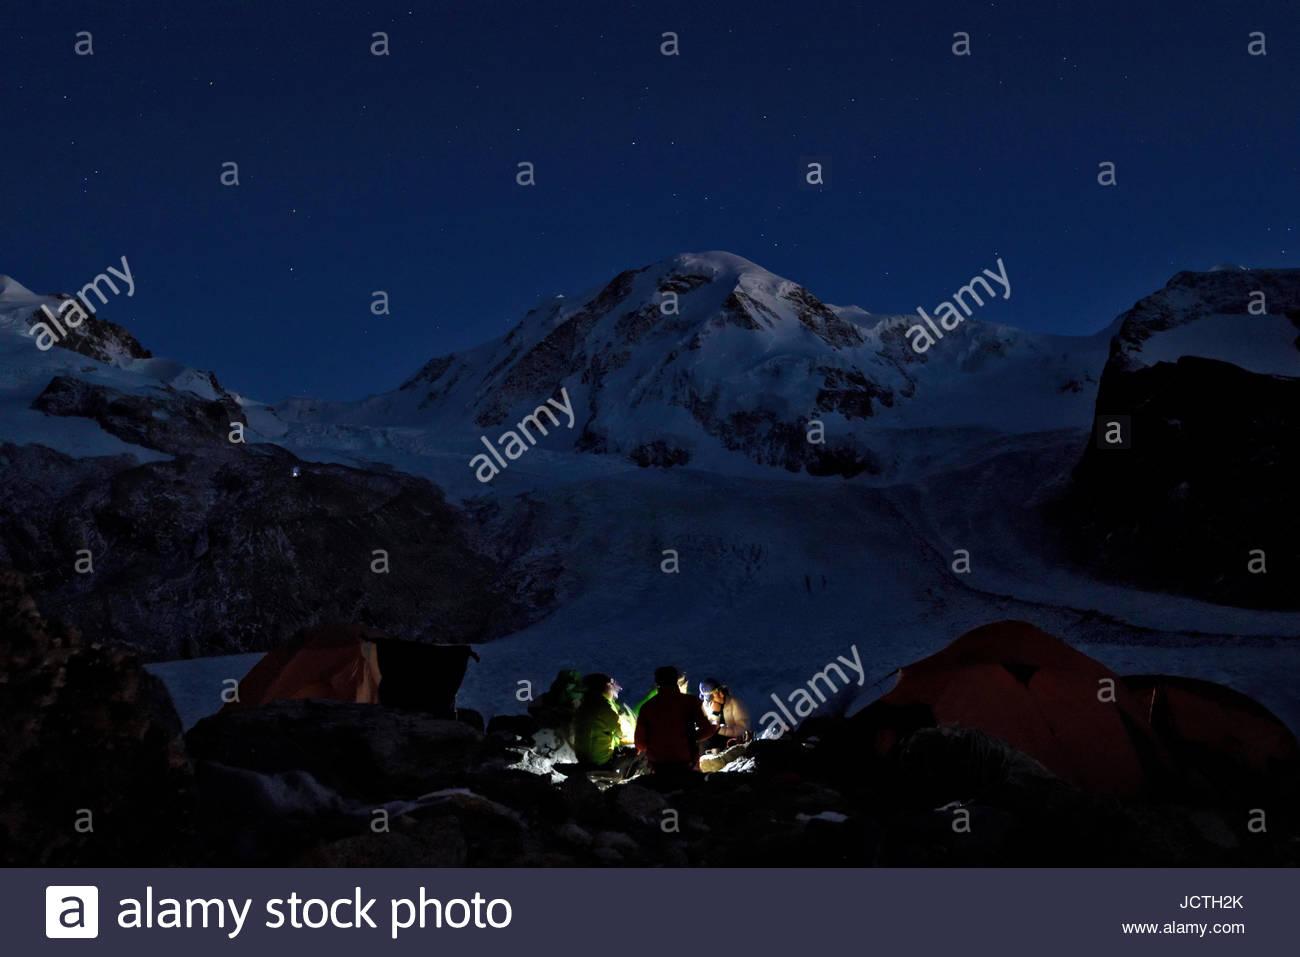 Vier italienische Höhlenforscher genießen ihre letzte Nacht auf dem Gletscher unter dem Sternenhimmel Stockbild